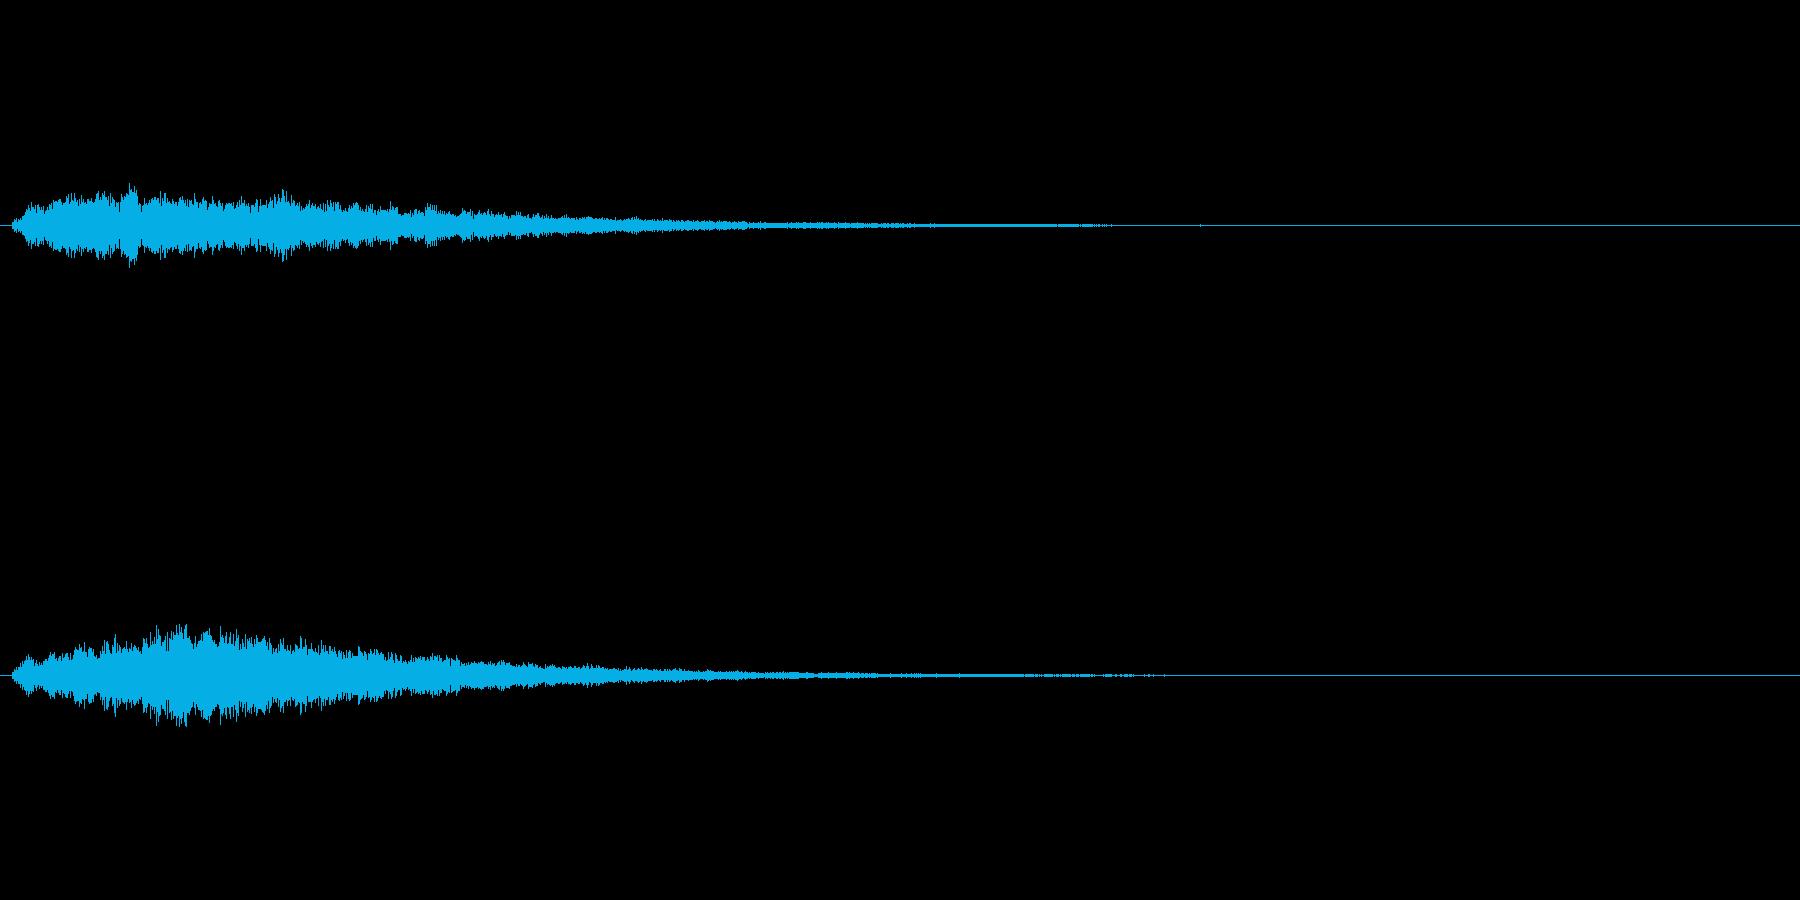 きらめく感じの ロード システムSEの再生済みの波形